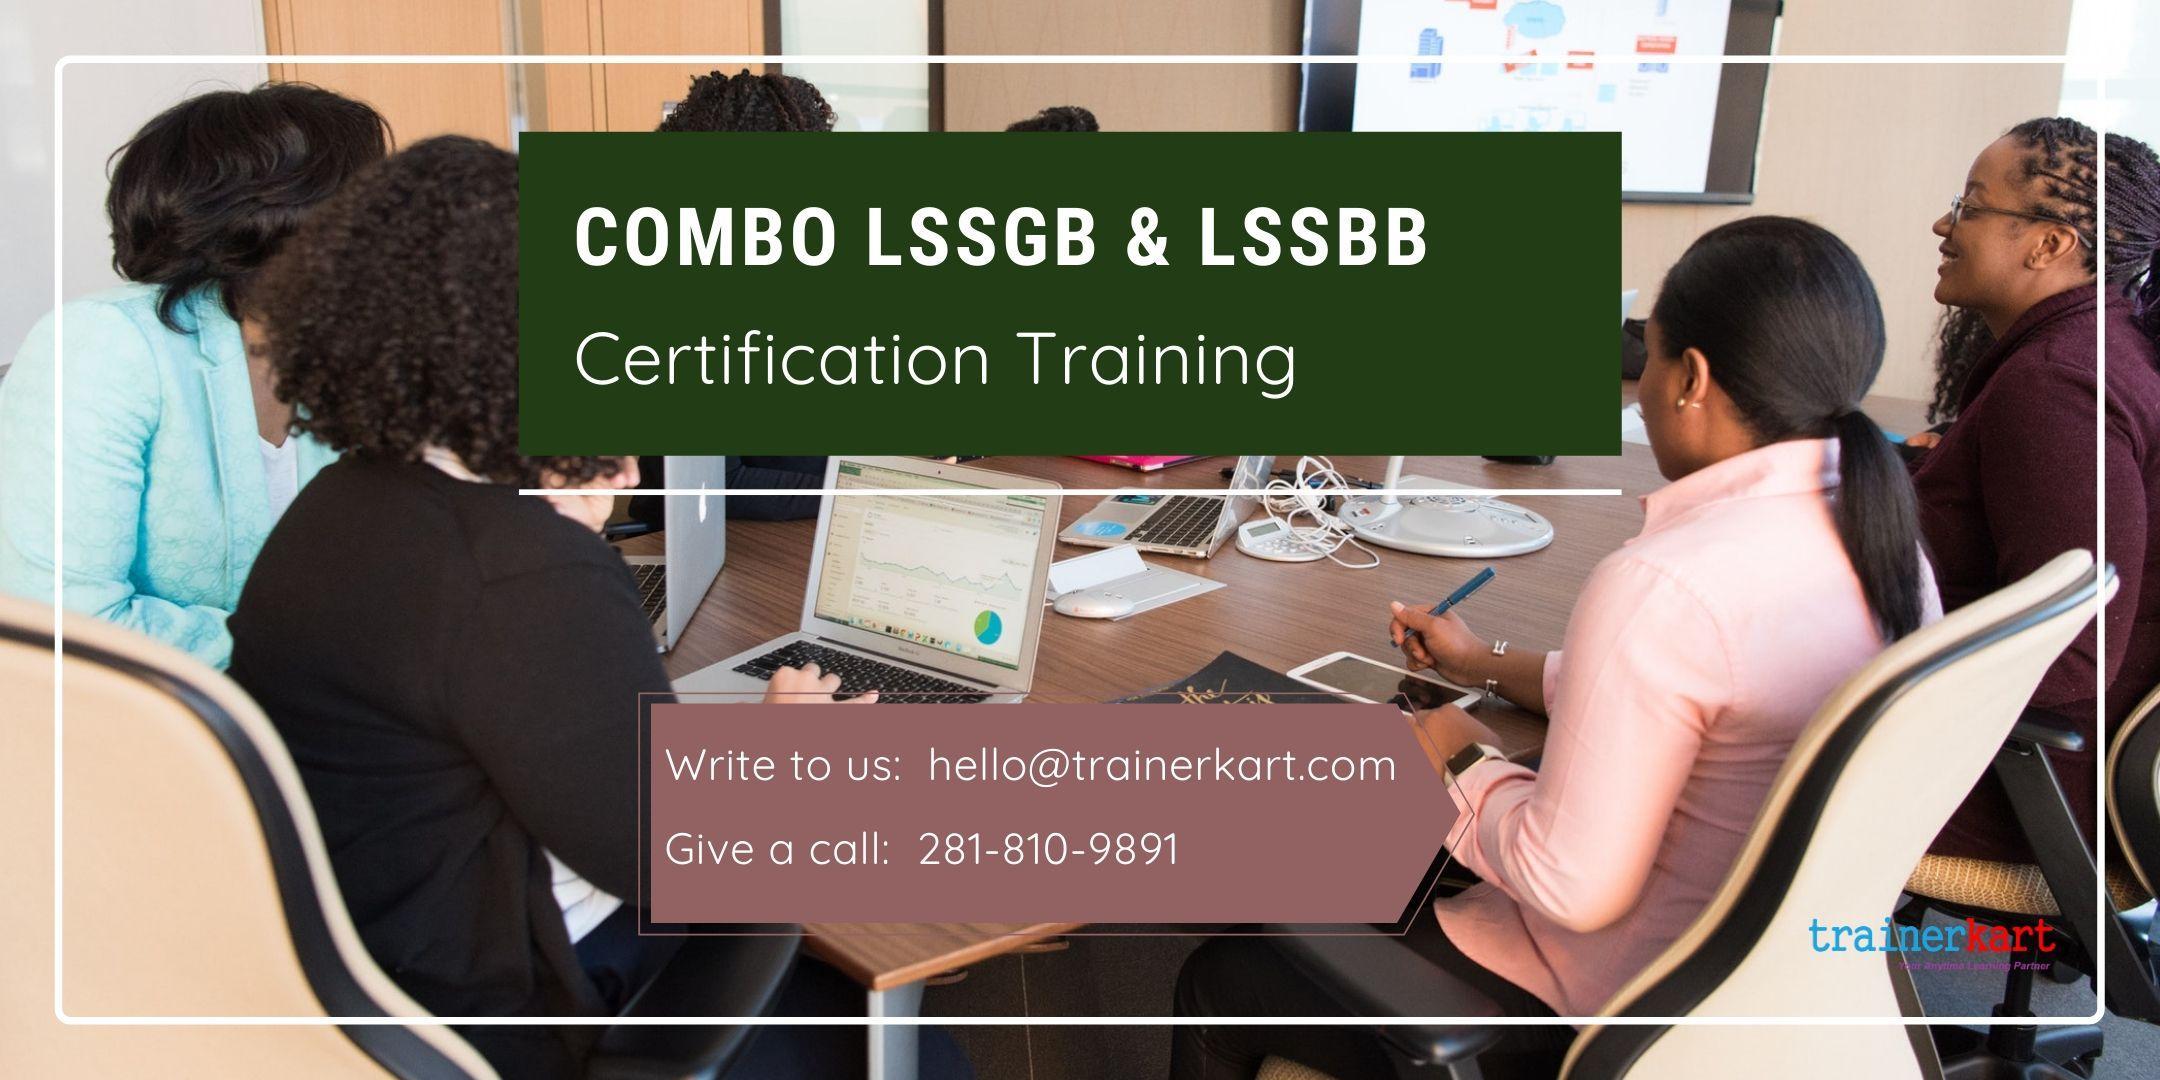 Combo LSSGB & LSSBB 4 day classroom Training in Winnipeg, MB